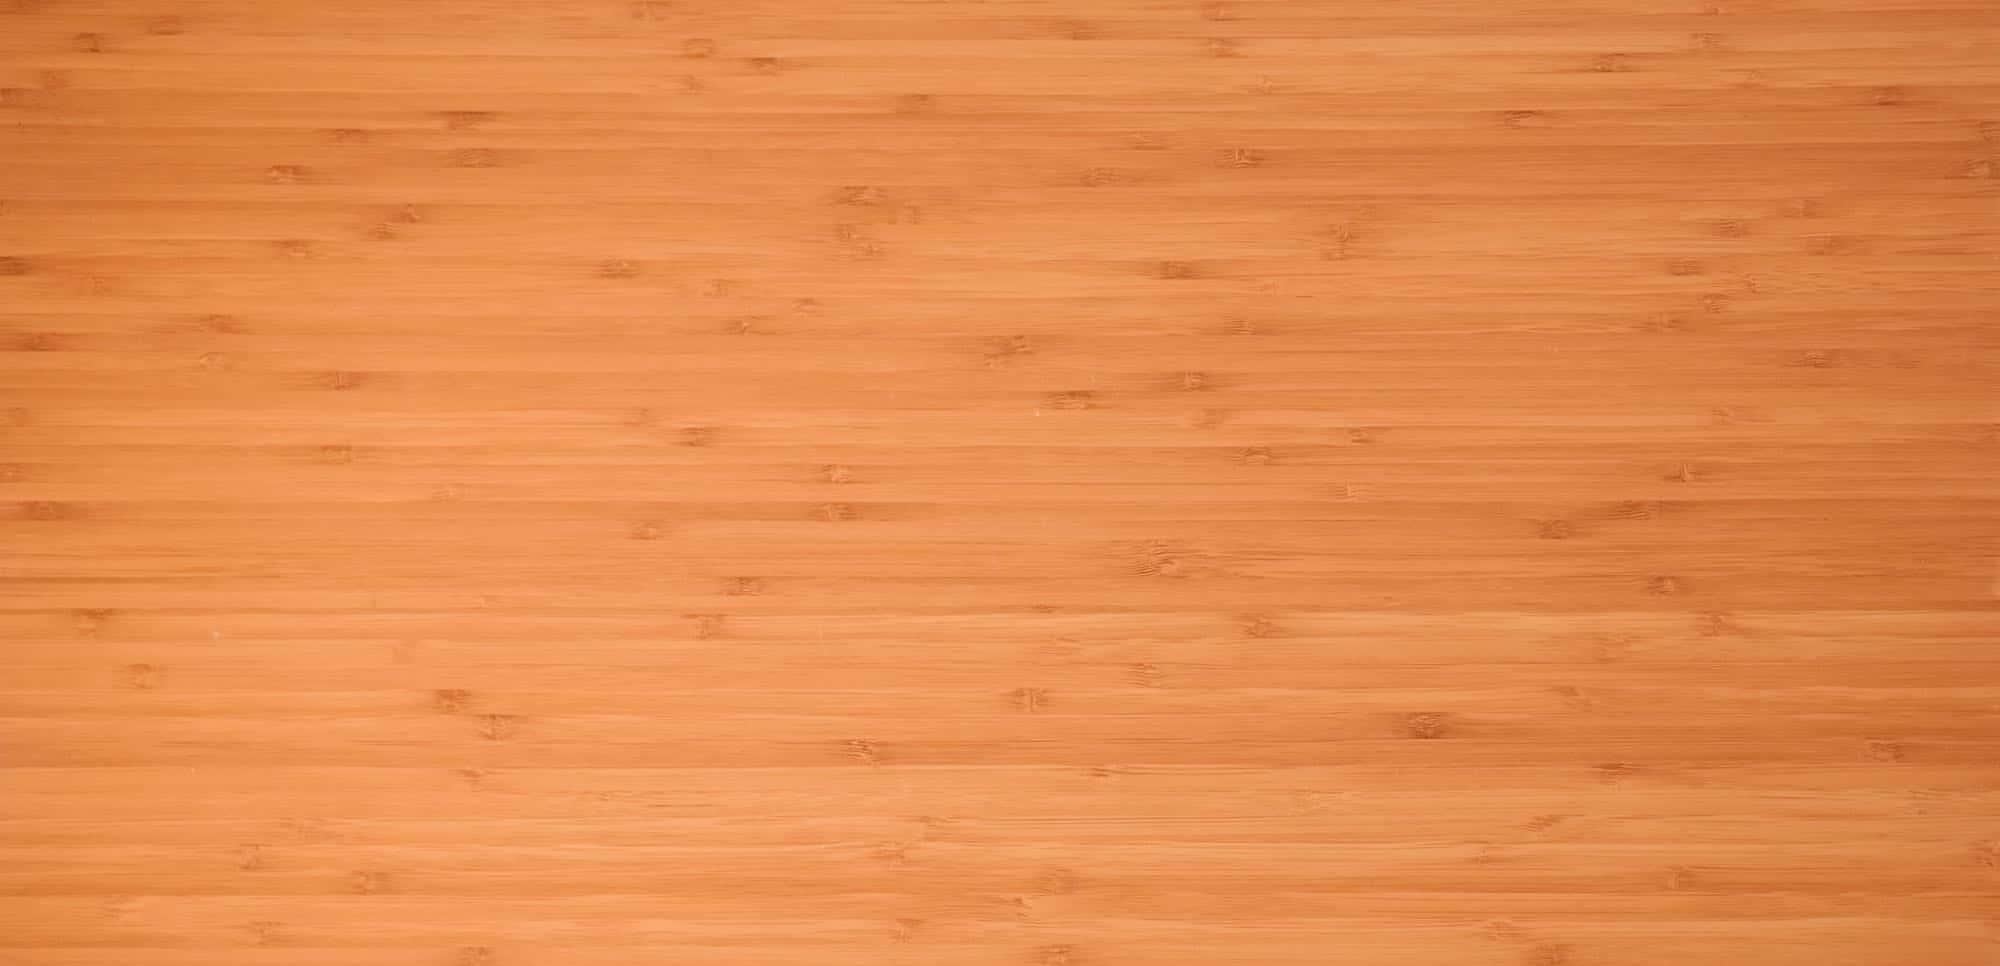 Schriftzug Holz Bambus Furnier